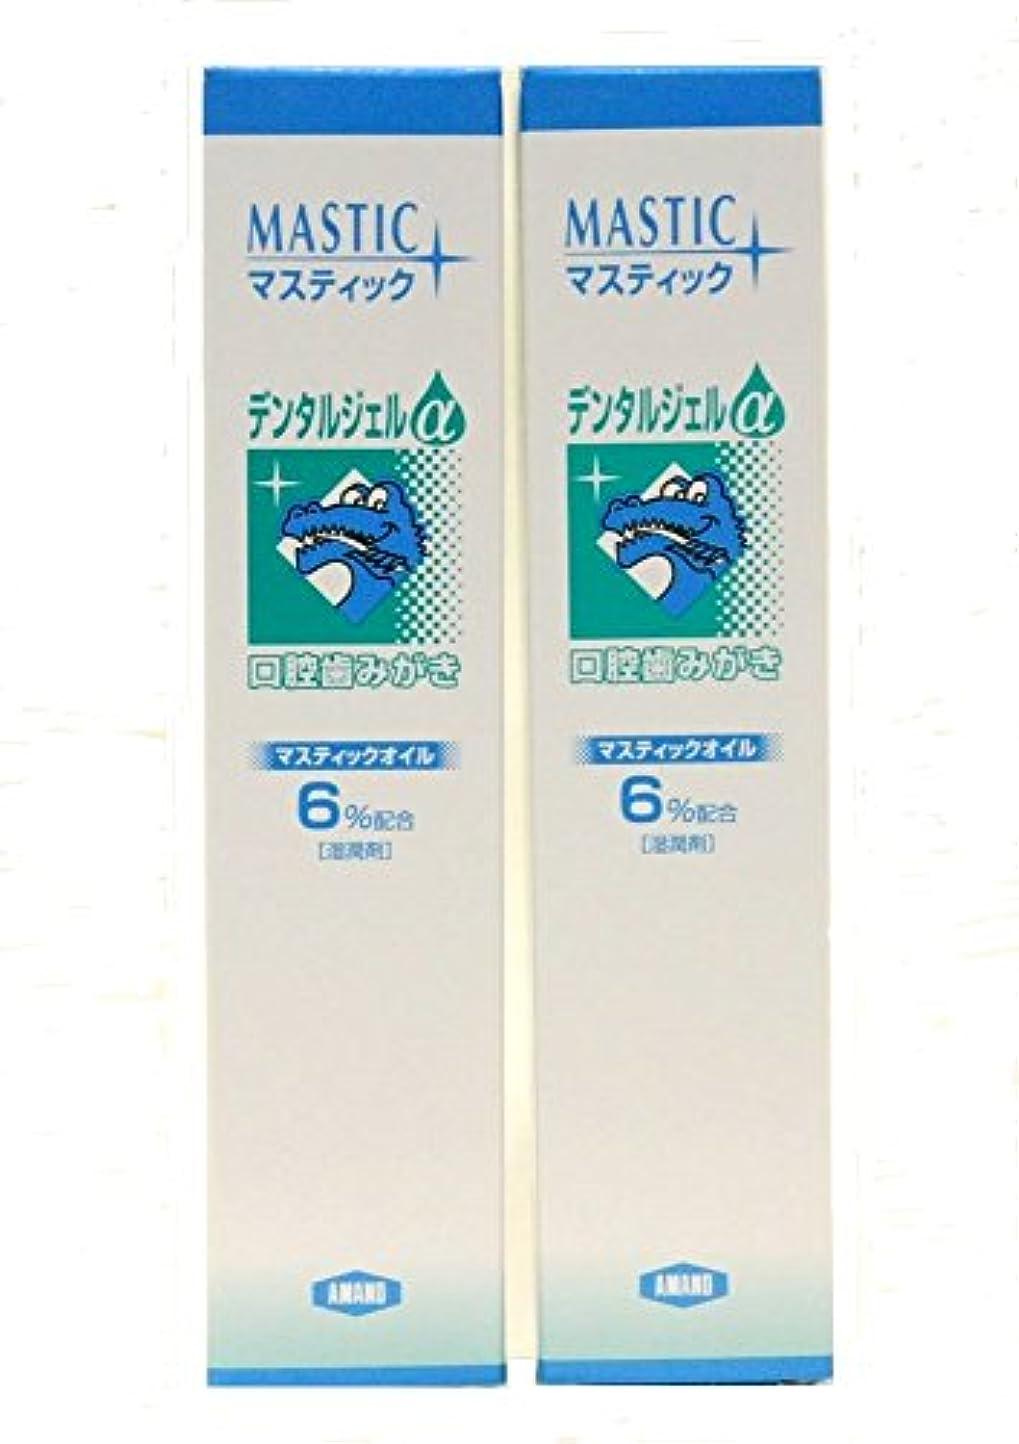 郵便文化平和的MASTIC マスティックデンタルジェルα45gX2個セット